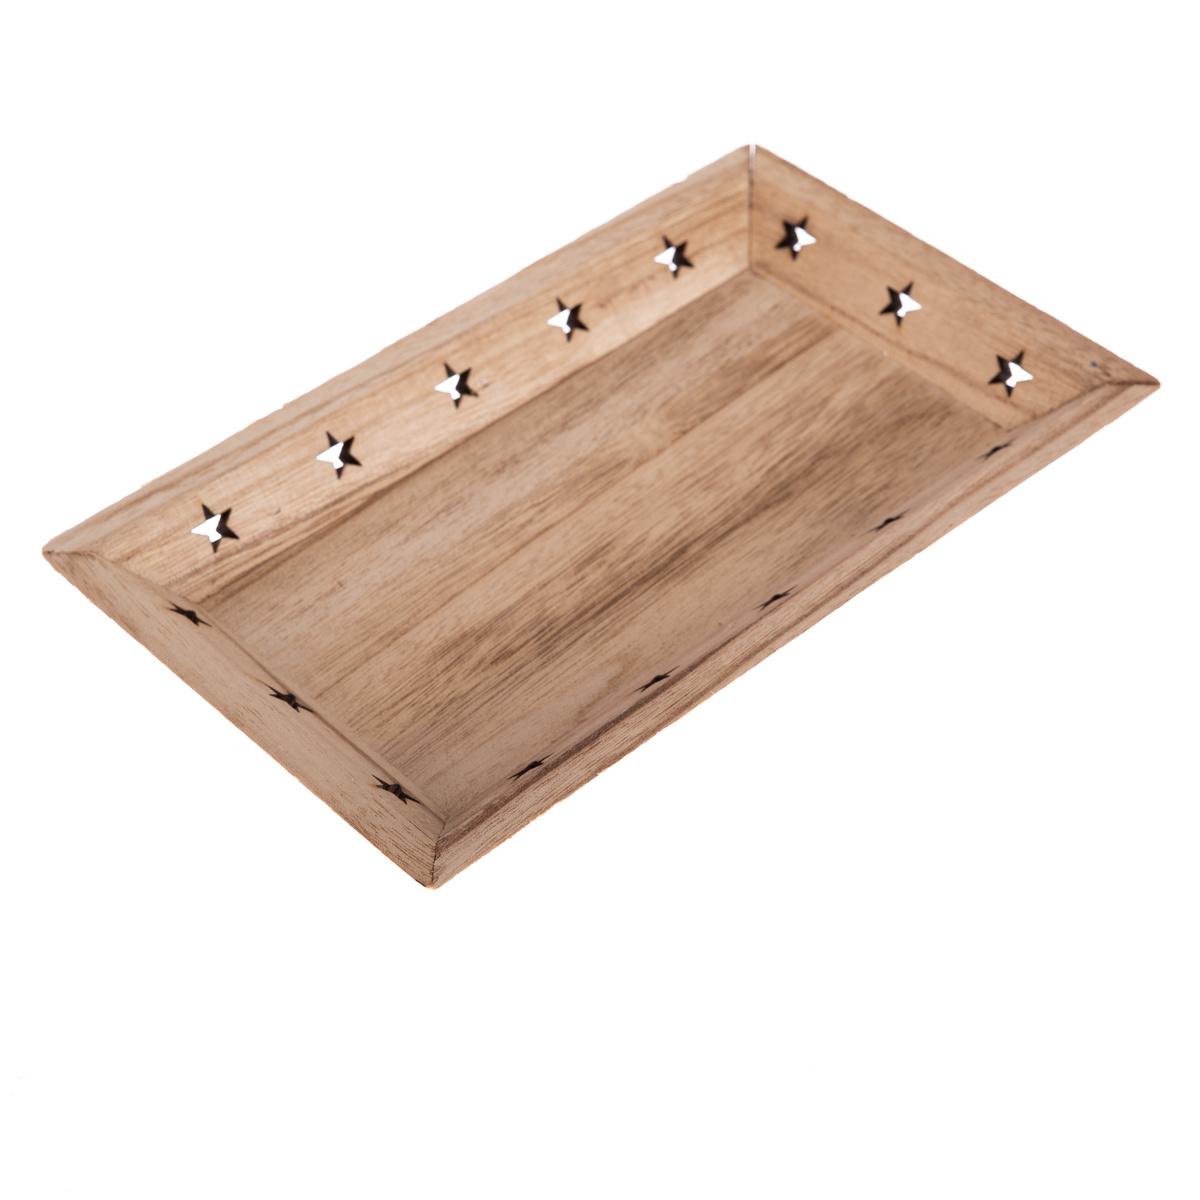 Dřevěný podnos Hvězdičky 33 x 19 x 3,5 cm, hnědá